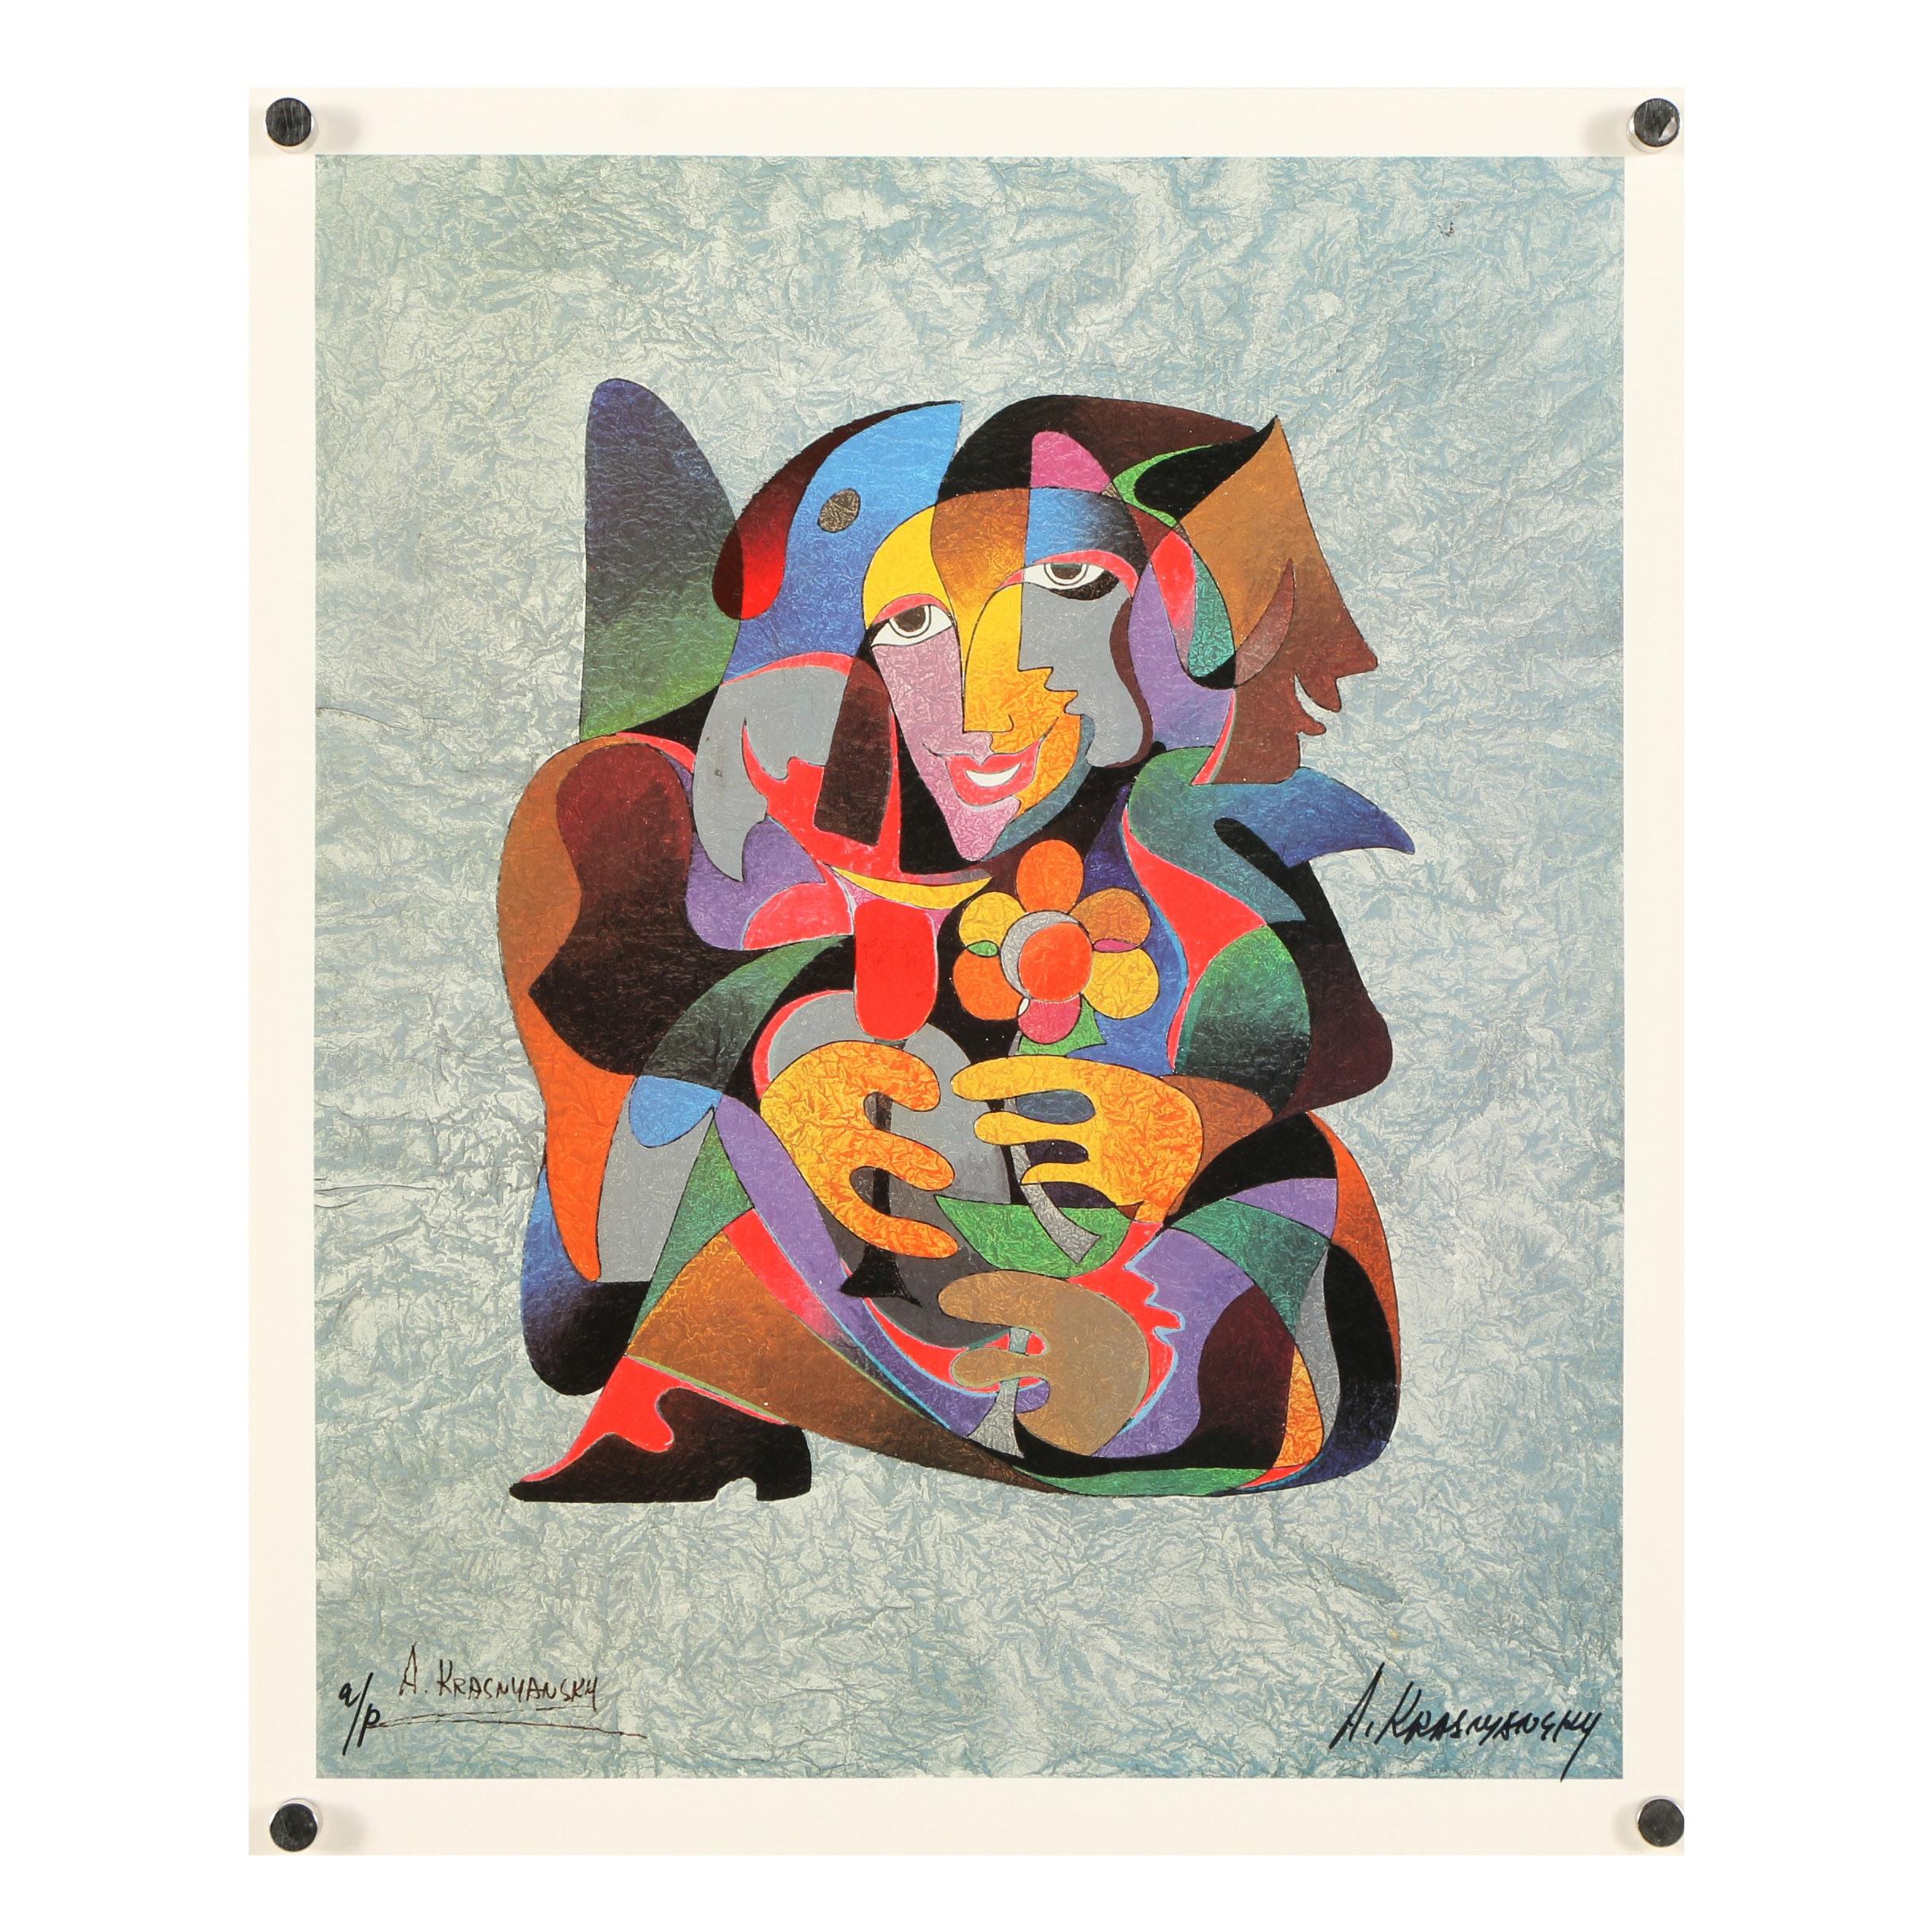 """Anatole Krasnyansky Artist's Proof Offset Lithograph """"Days Romance"""""""